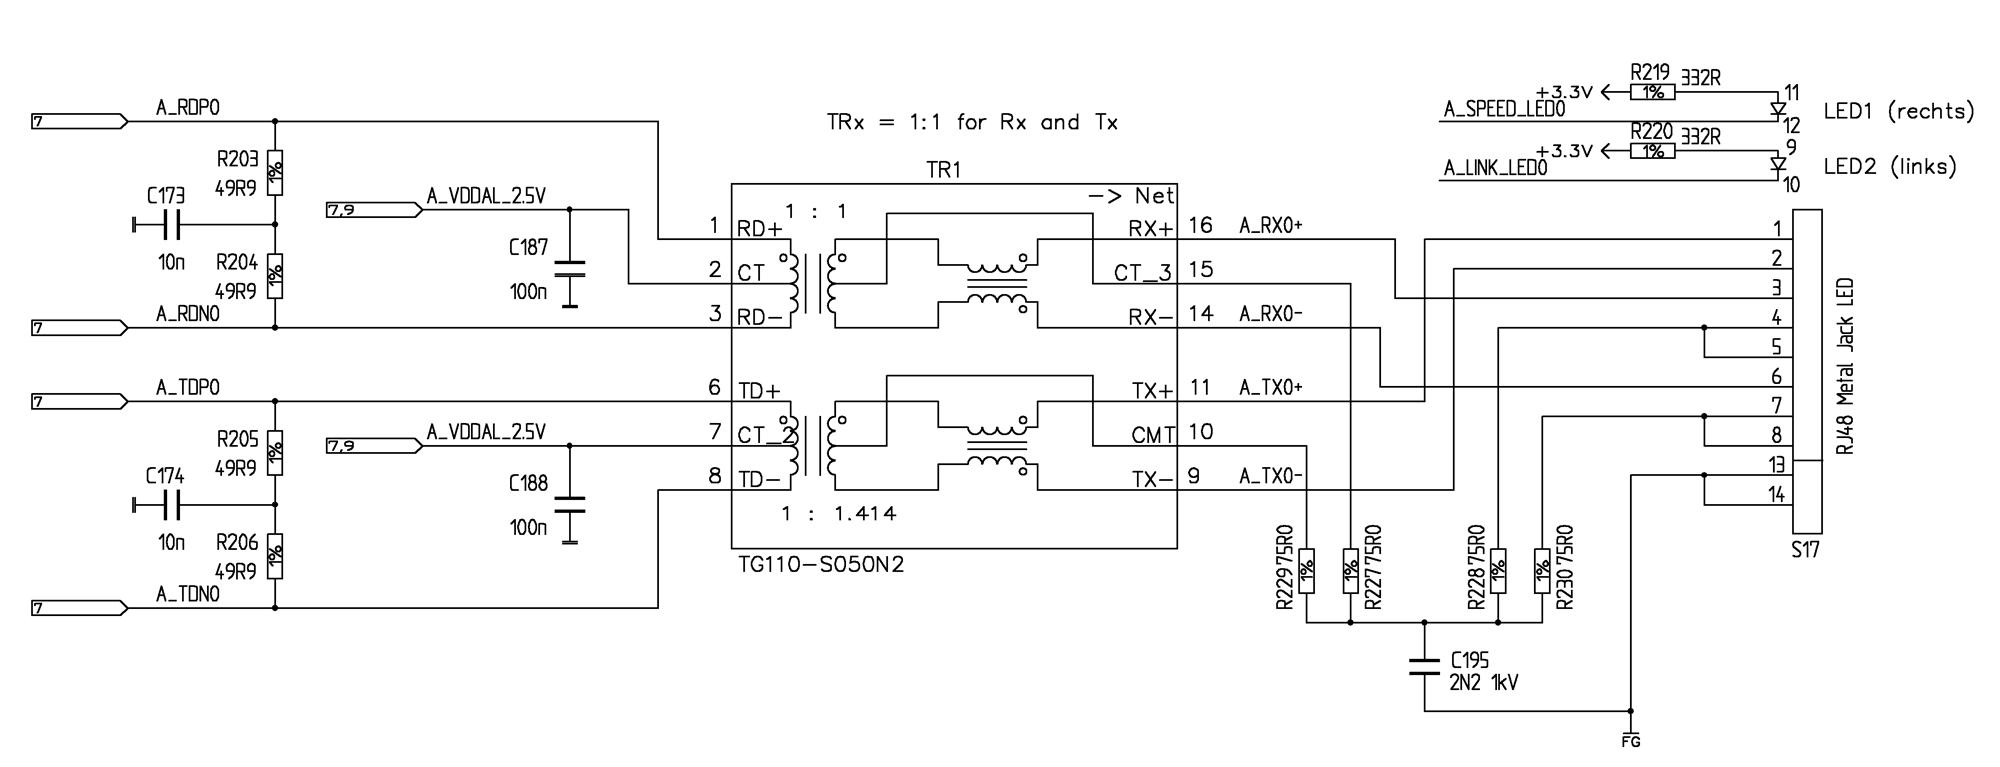 Berühmt Ethernet Rj45 Schaltplan Fotos - Elektrische Schaltplan ...